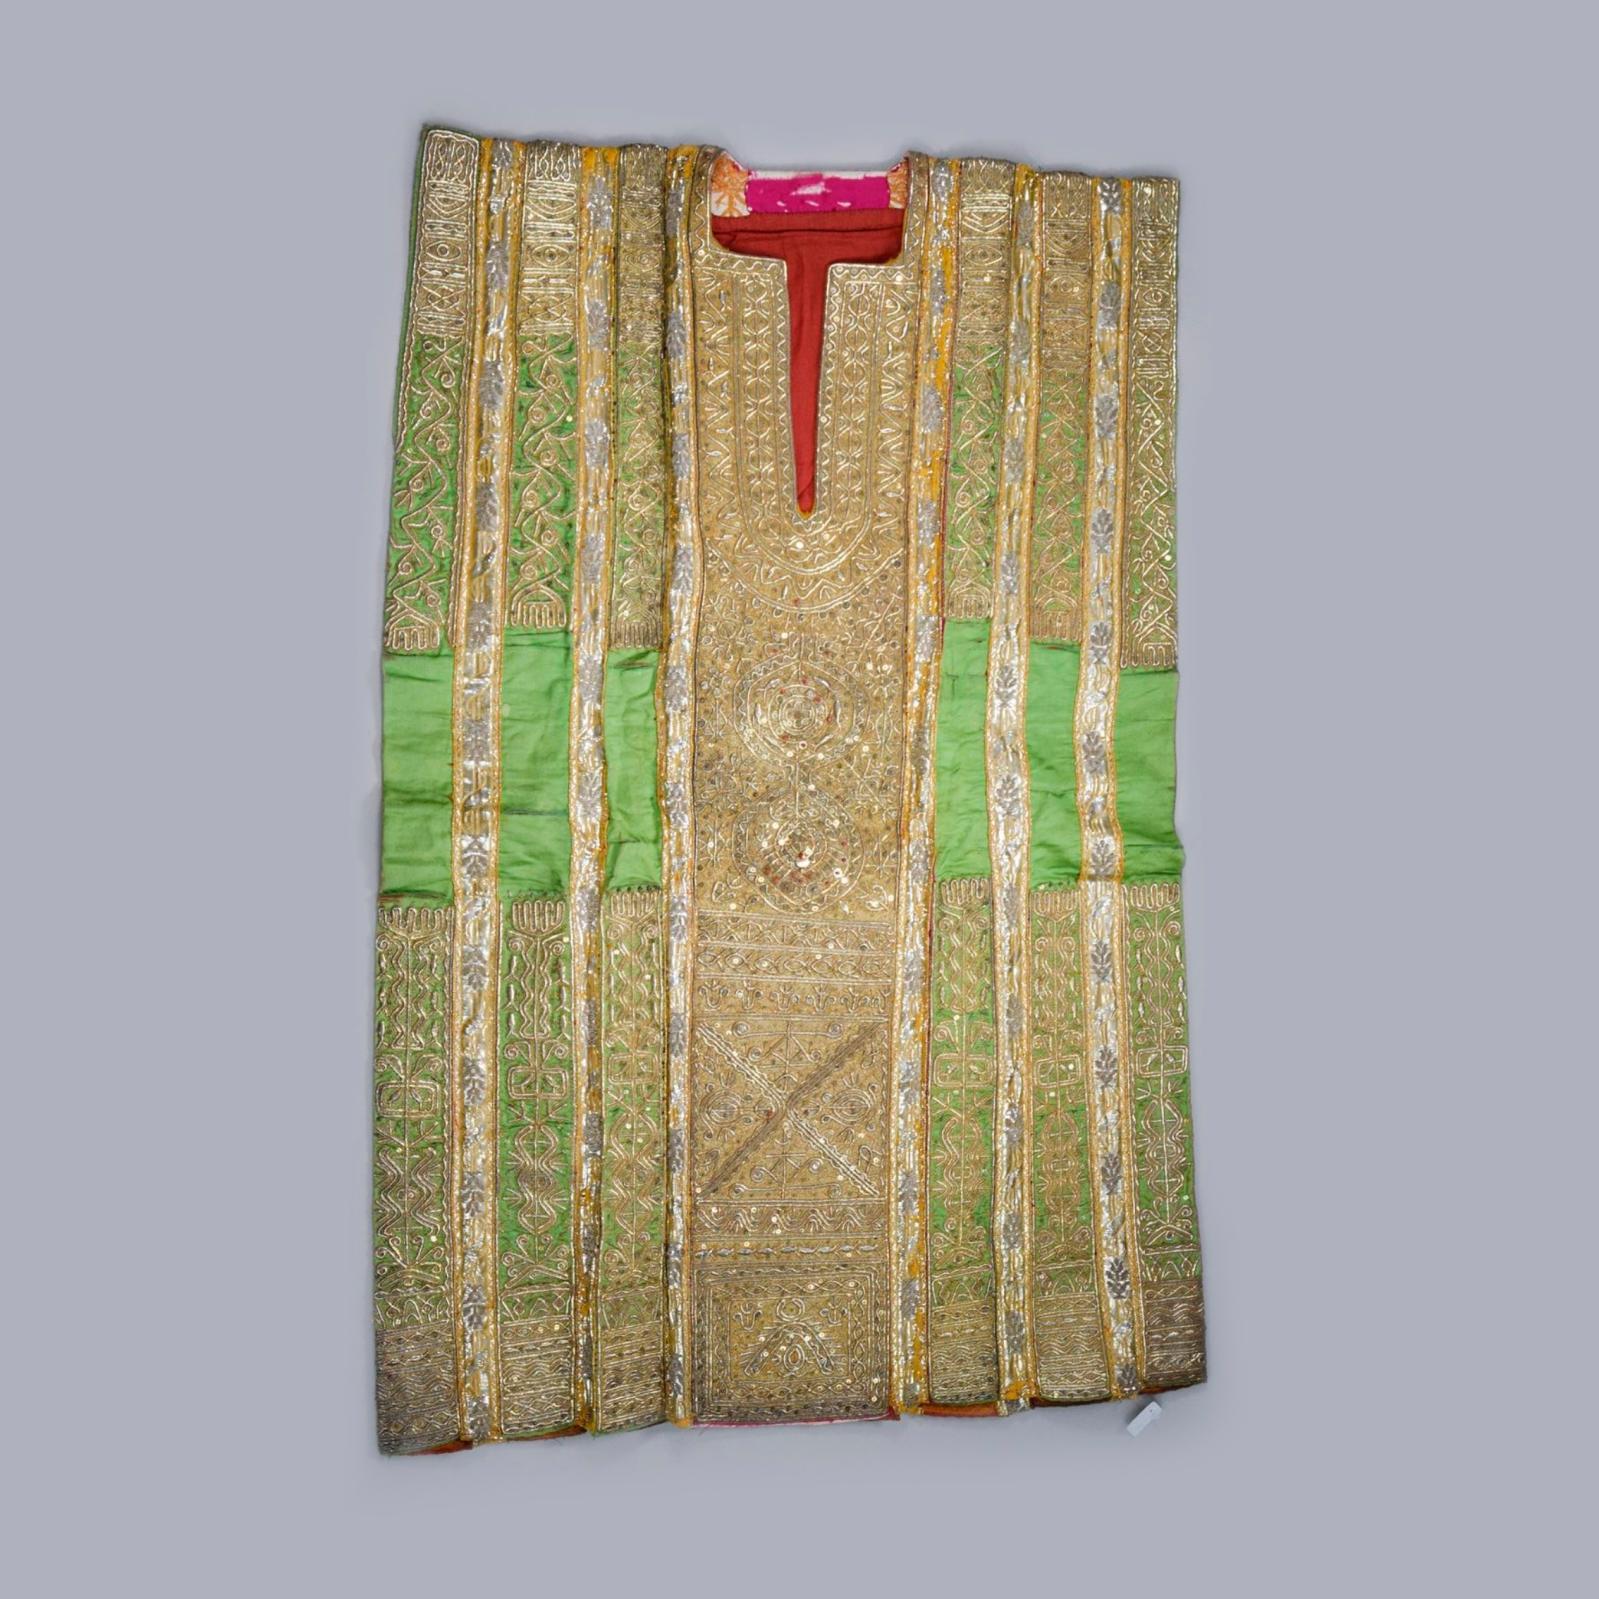 1500€ Tunisie, première moitié du XXesiècle. Robe de mariage, satin de soie vert filé or et argent, rehaussé de paillettes et de perles